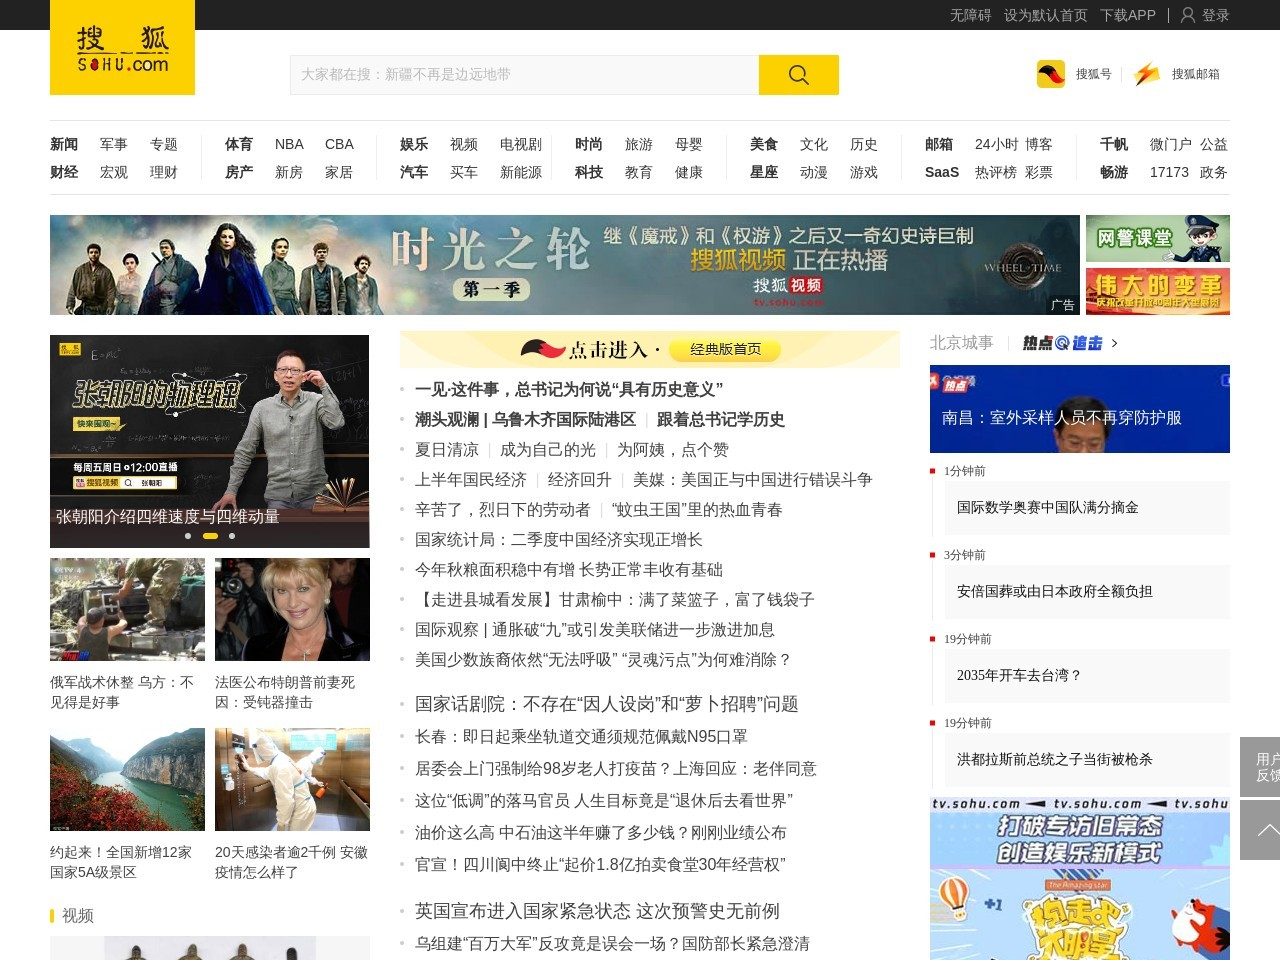 深圳程序员入职一月在家中身亡,已排除他杀,亲友称其常加班_黄政常